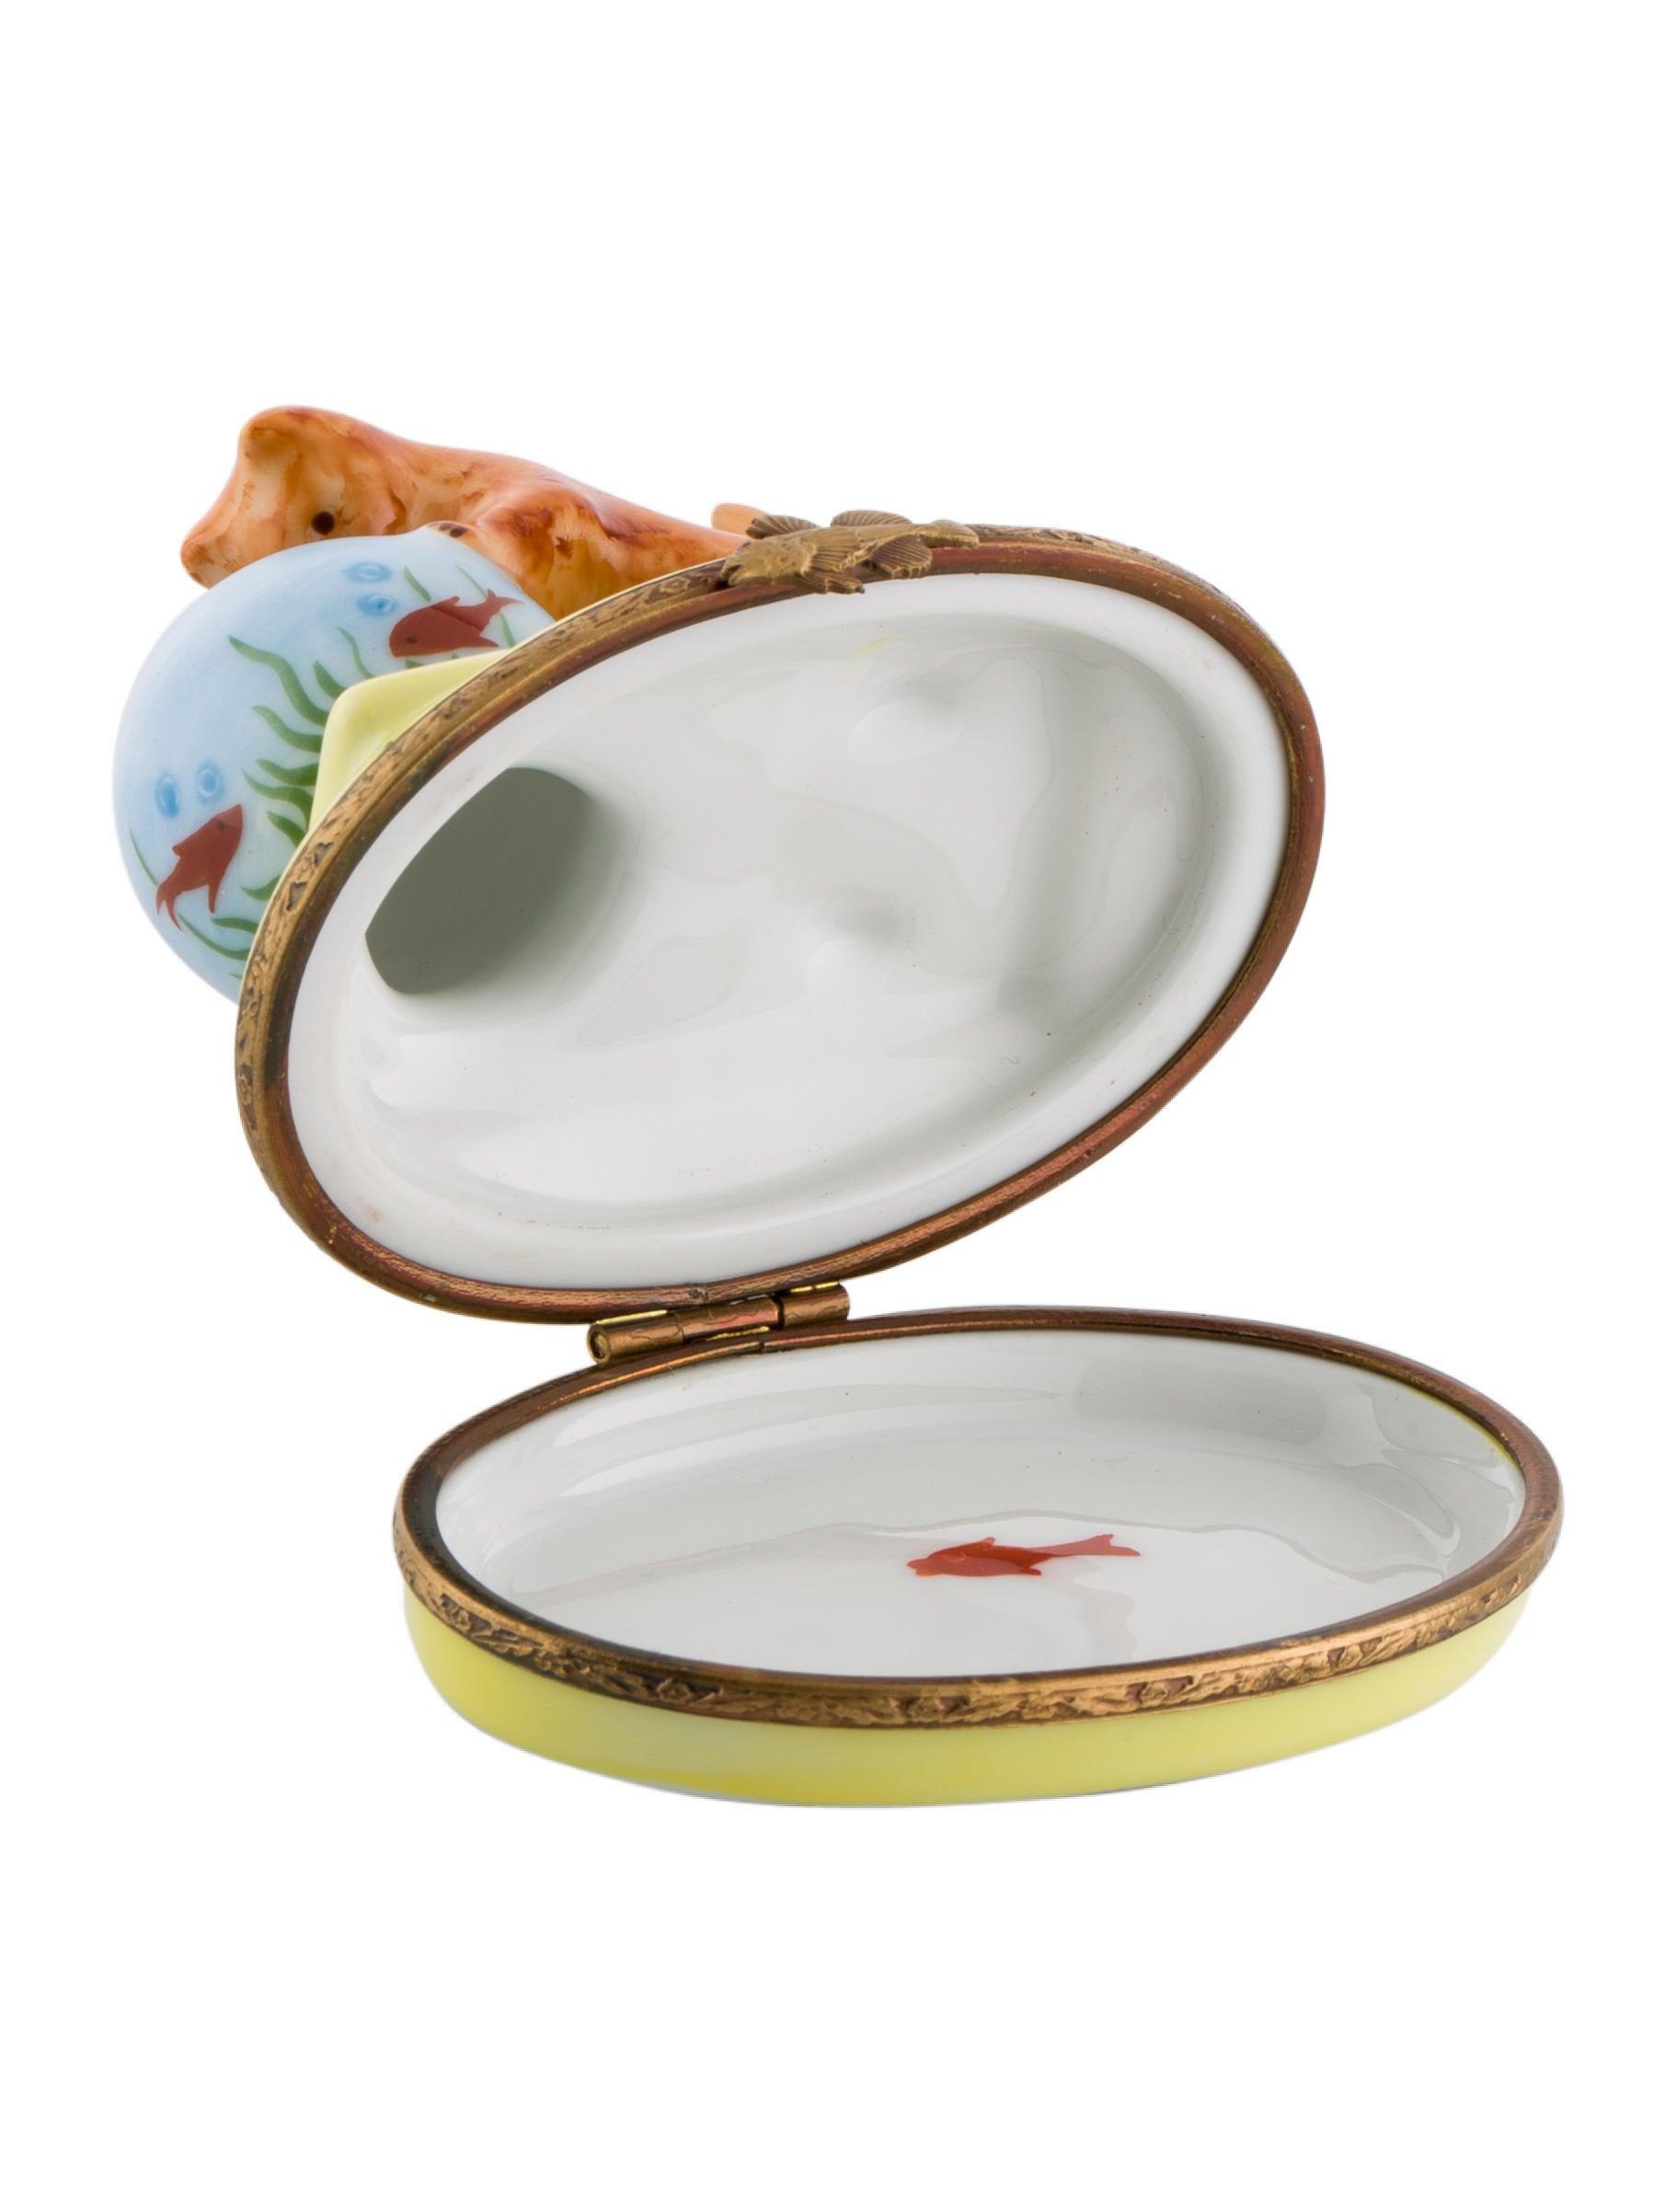 limoges porcelain cat fishbowl box decor and. Black Bedroom Furniture Sets. Home Design Ideas